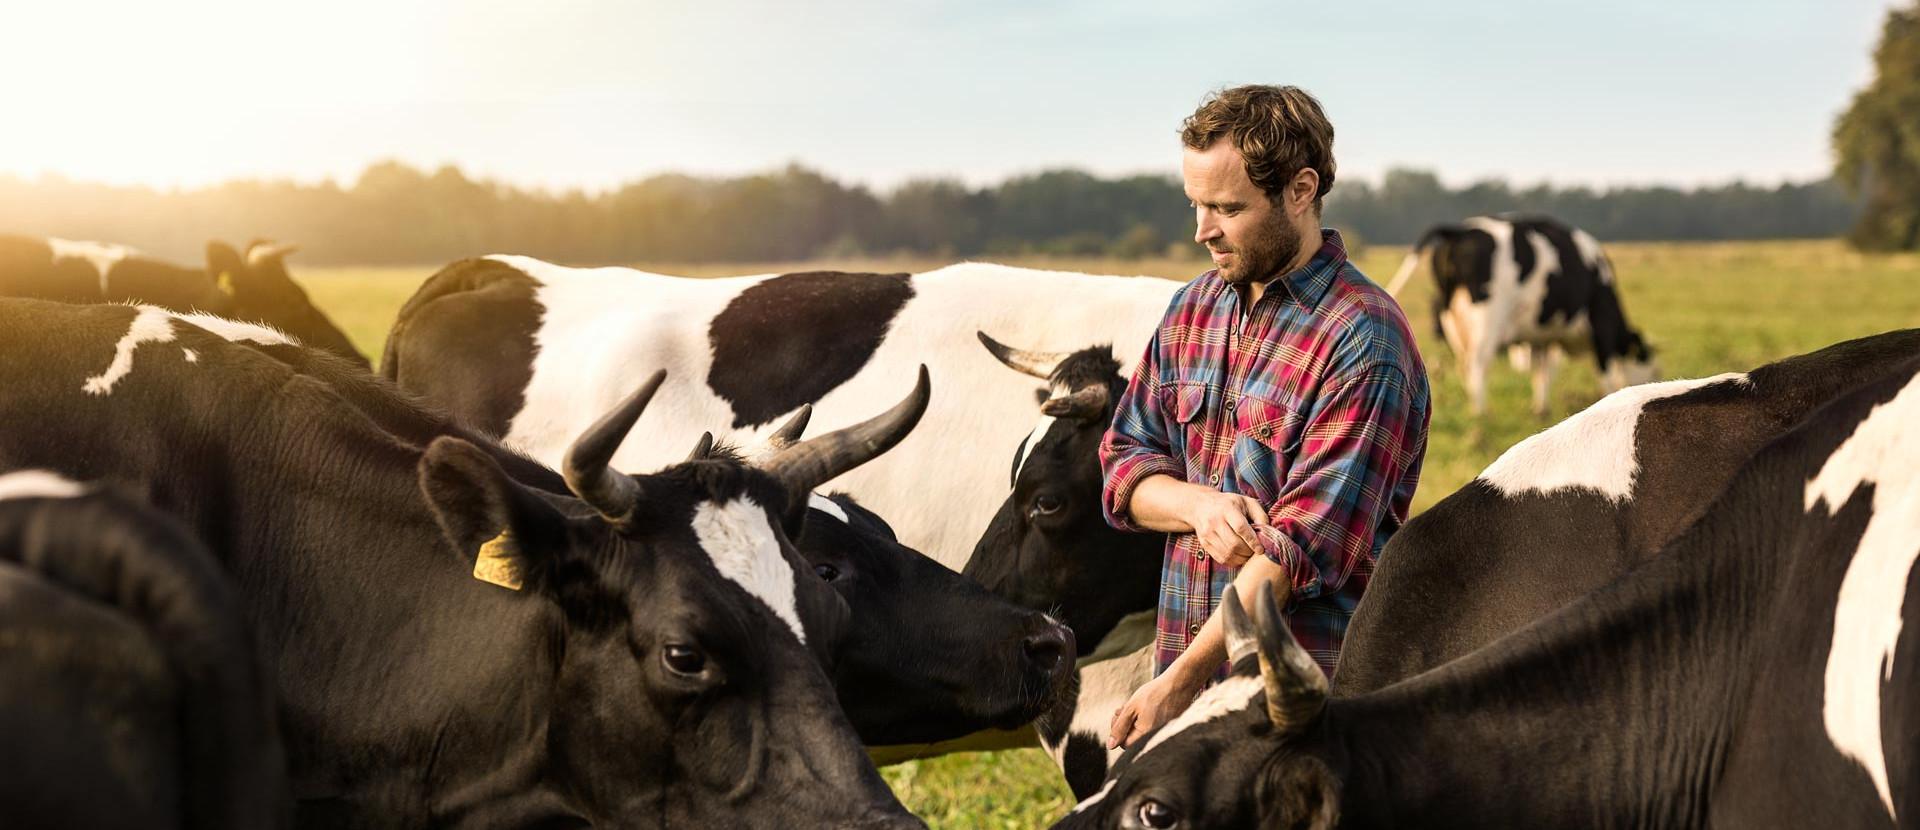 Milchbauer zwischen Kühen